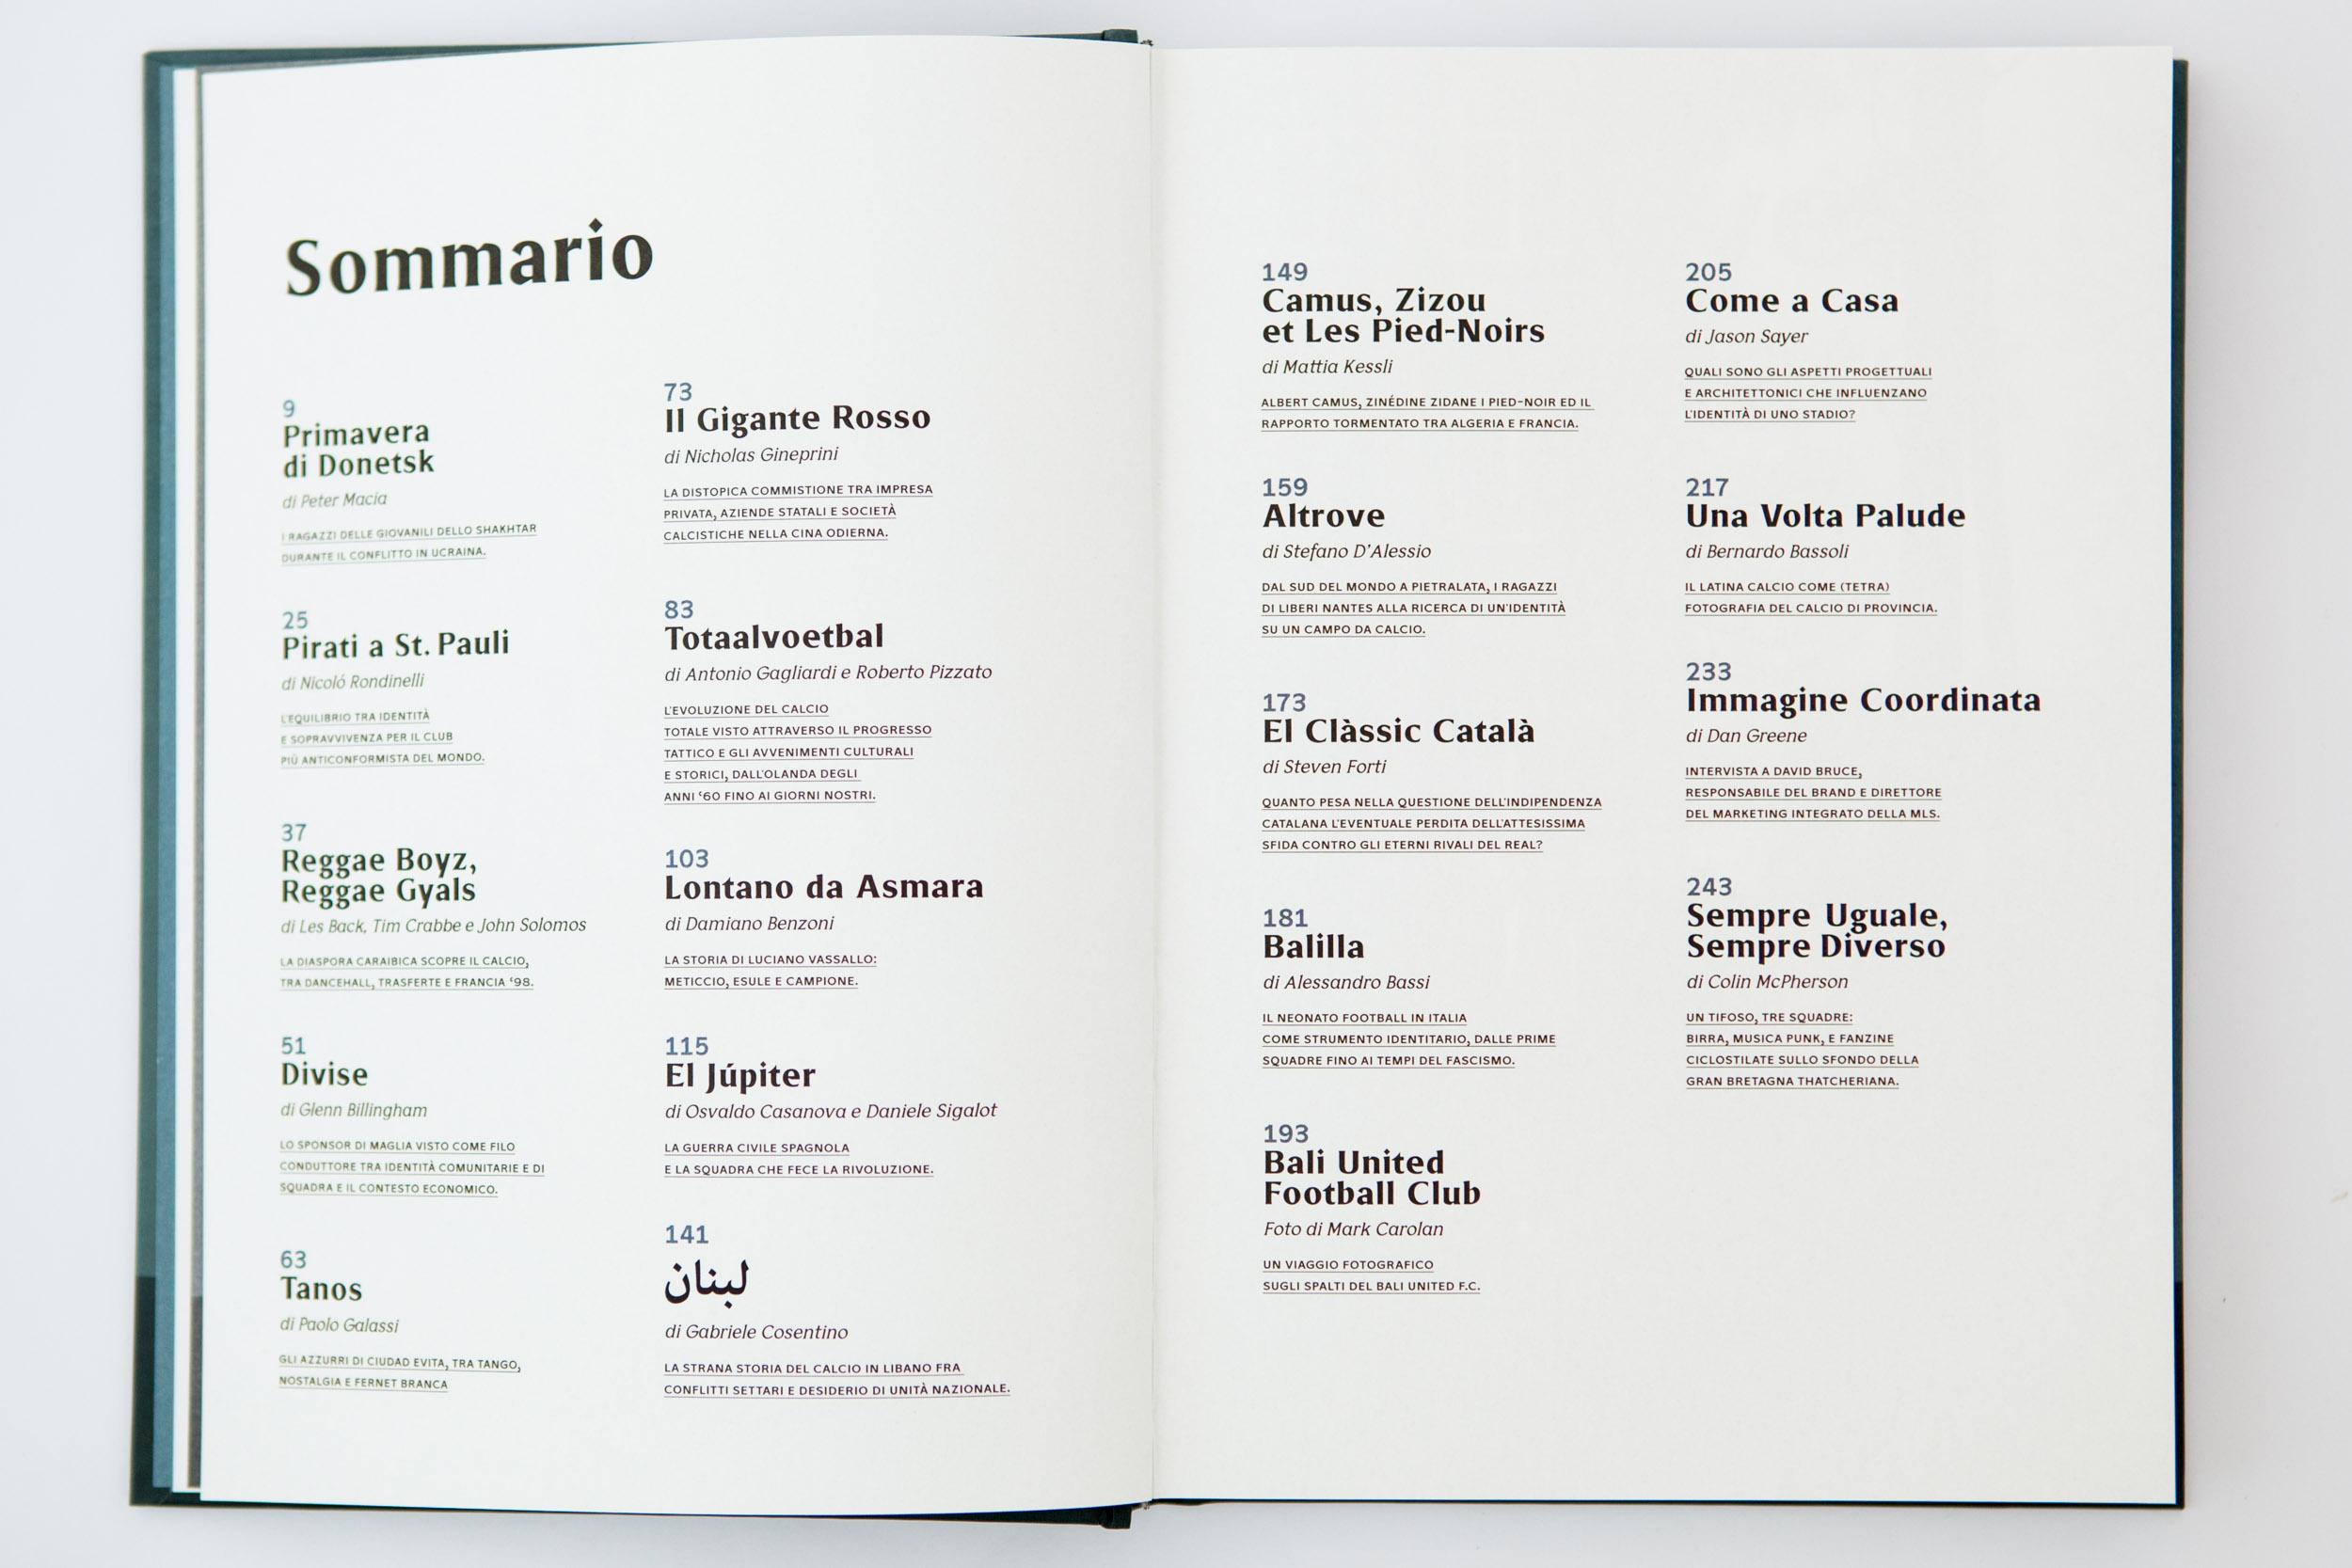 005-Altrove-Identity-Uno_Due-Gabriele_Lungarella-_MG_9080.jpg